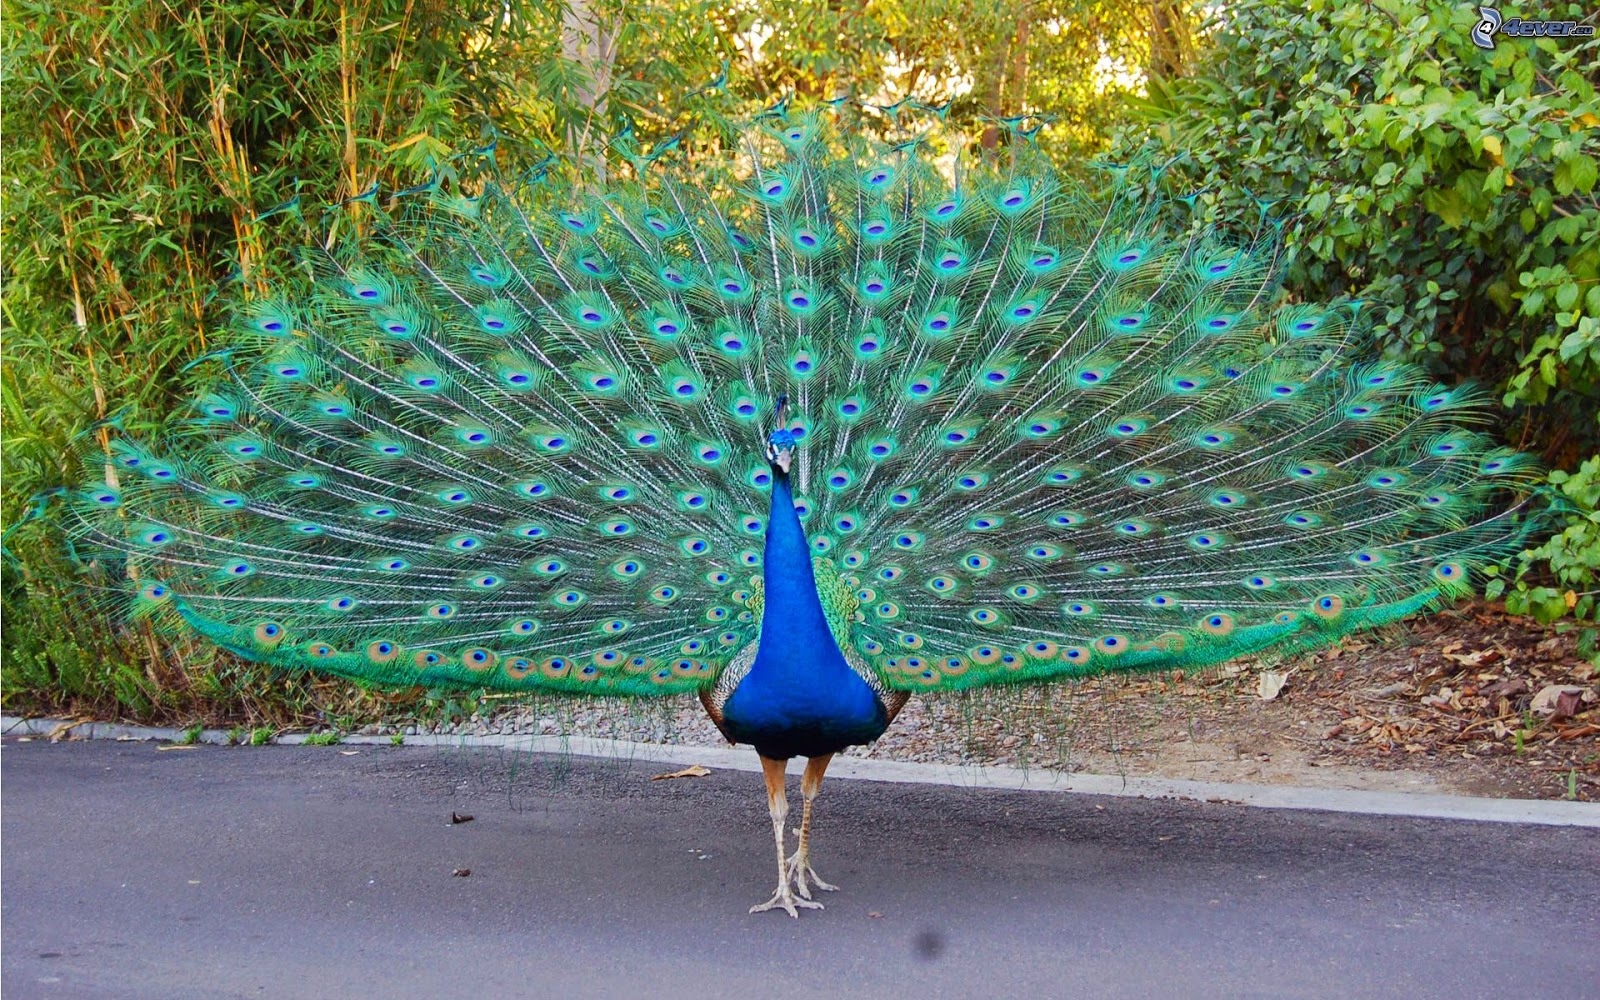 ¿Porque colores llamativos de algunos animales?